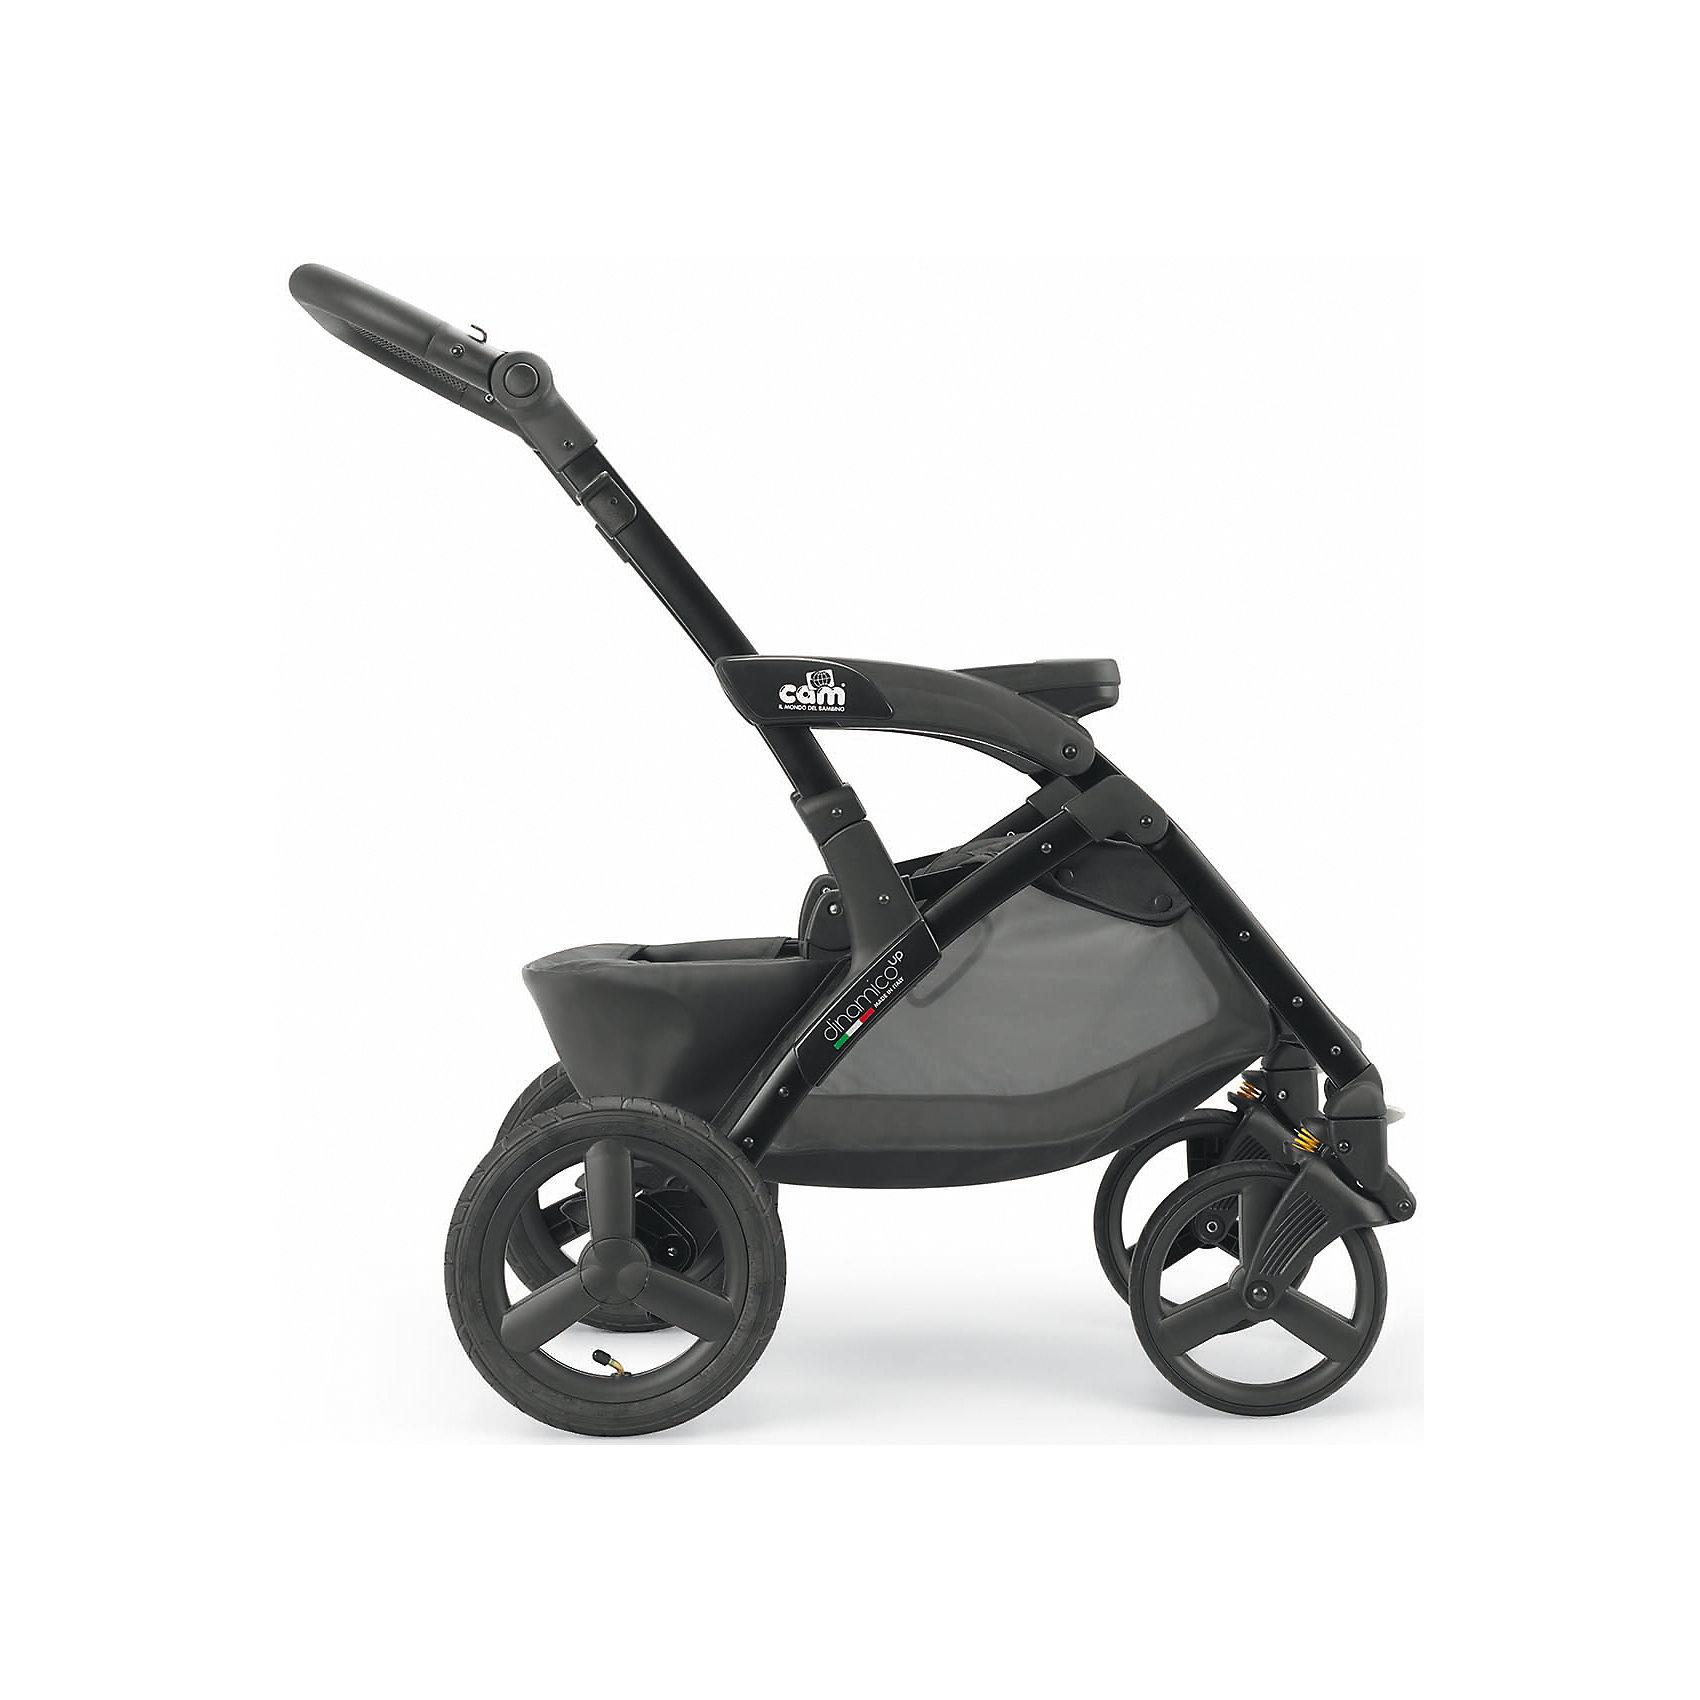 Шасси для коляски модели Dinamico Up, Cam, черный (CAM)